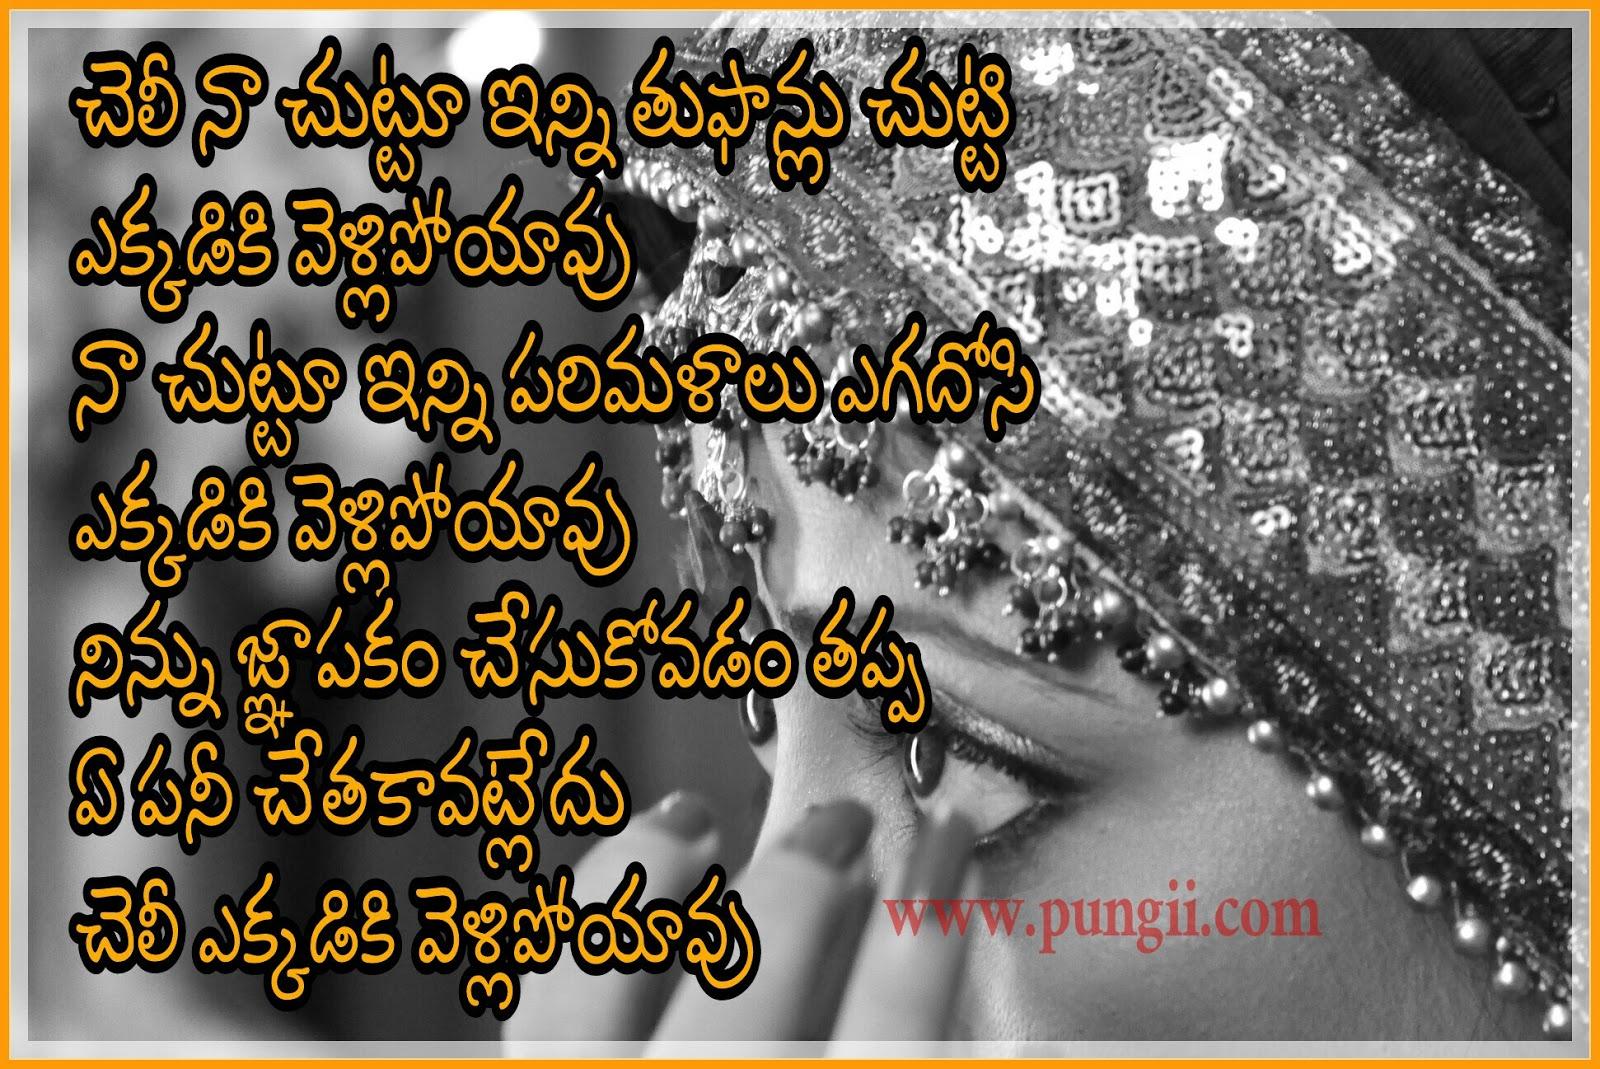 Latest Telugu Love Quotes 2017 Free Download Pungii